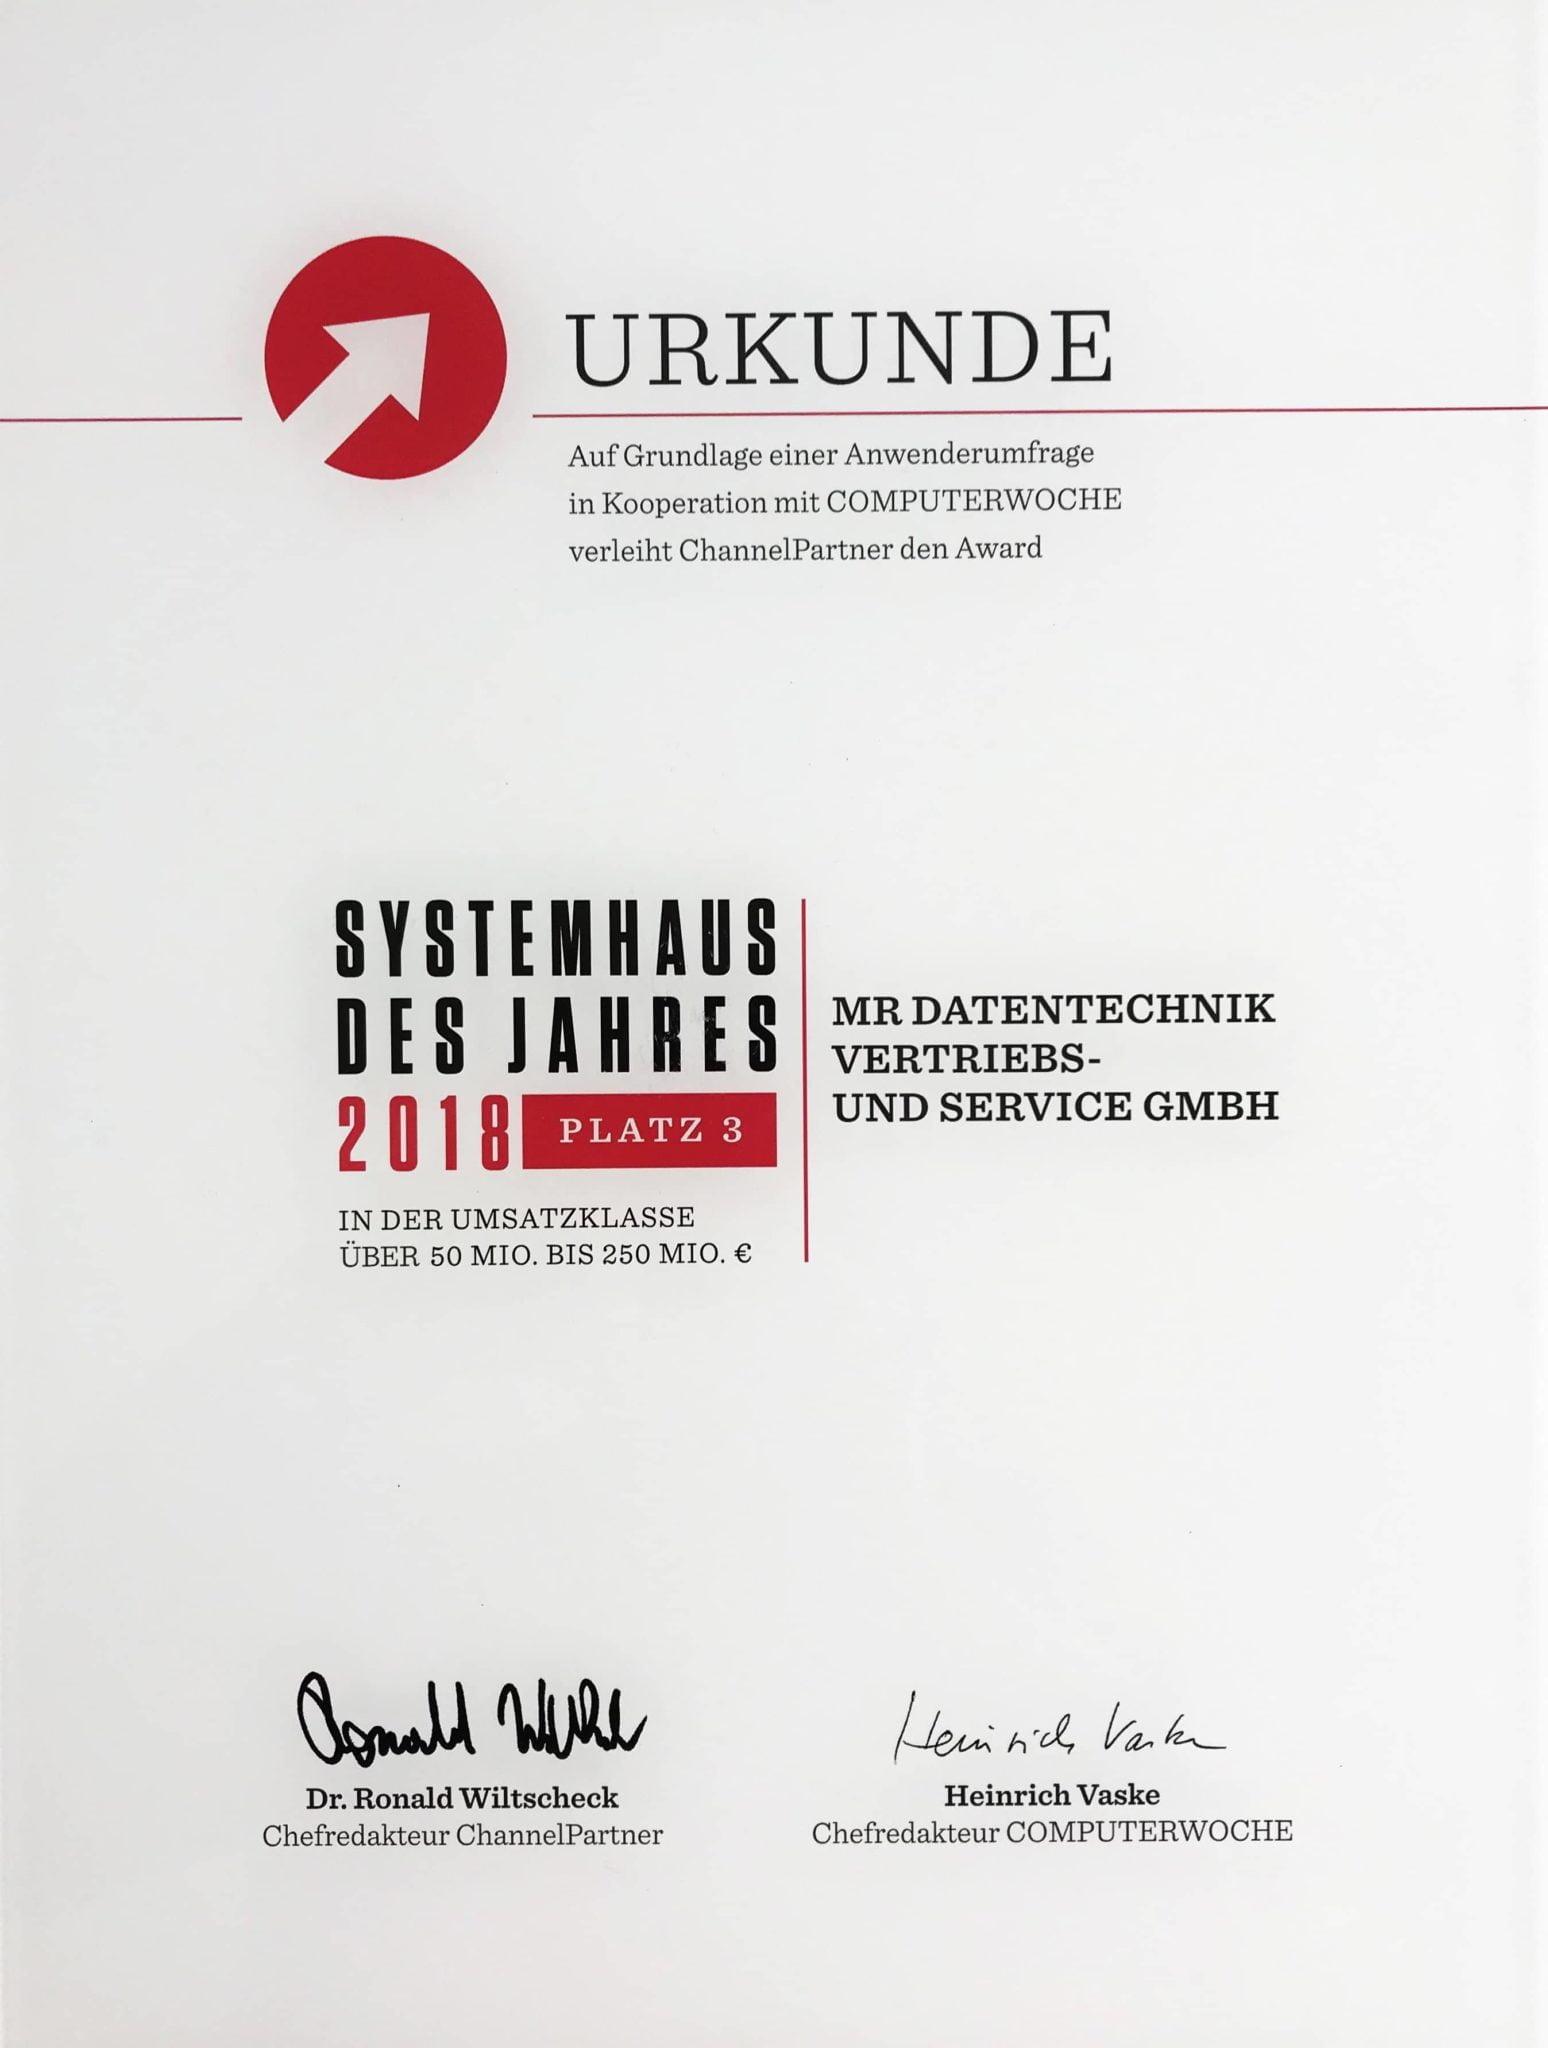 Systemhaus des Jahres 2018 Urkunde